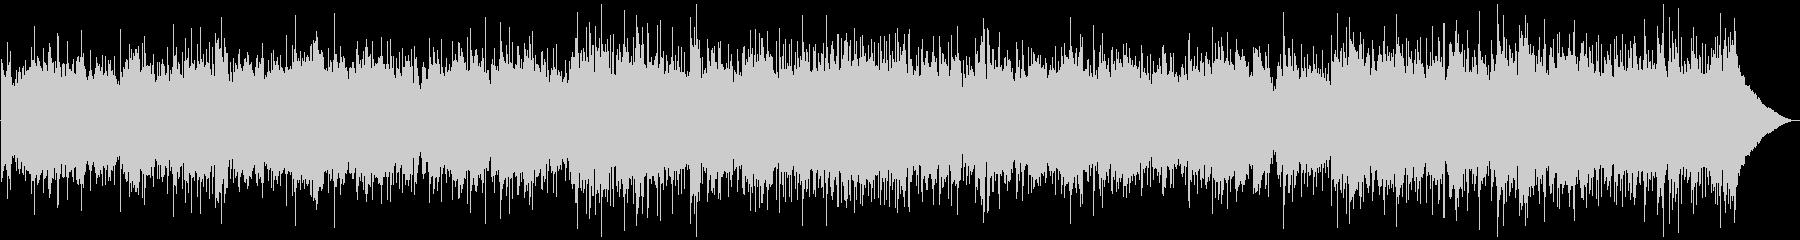 穏やかなカントリーバラードBGMの未再生の波形